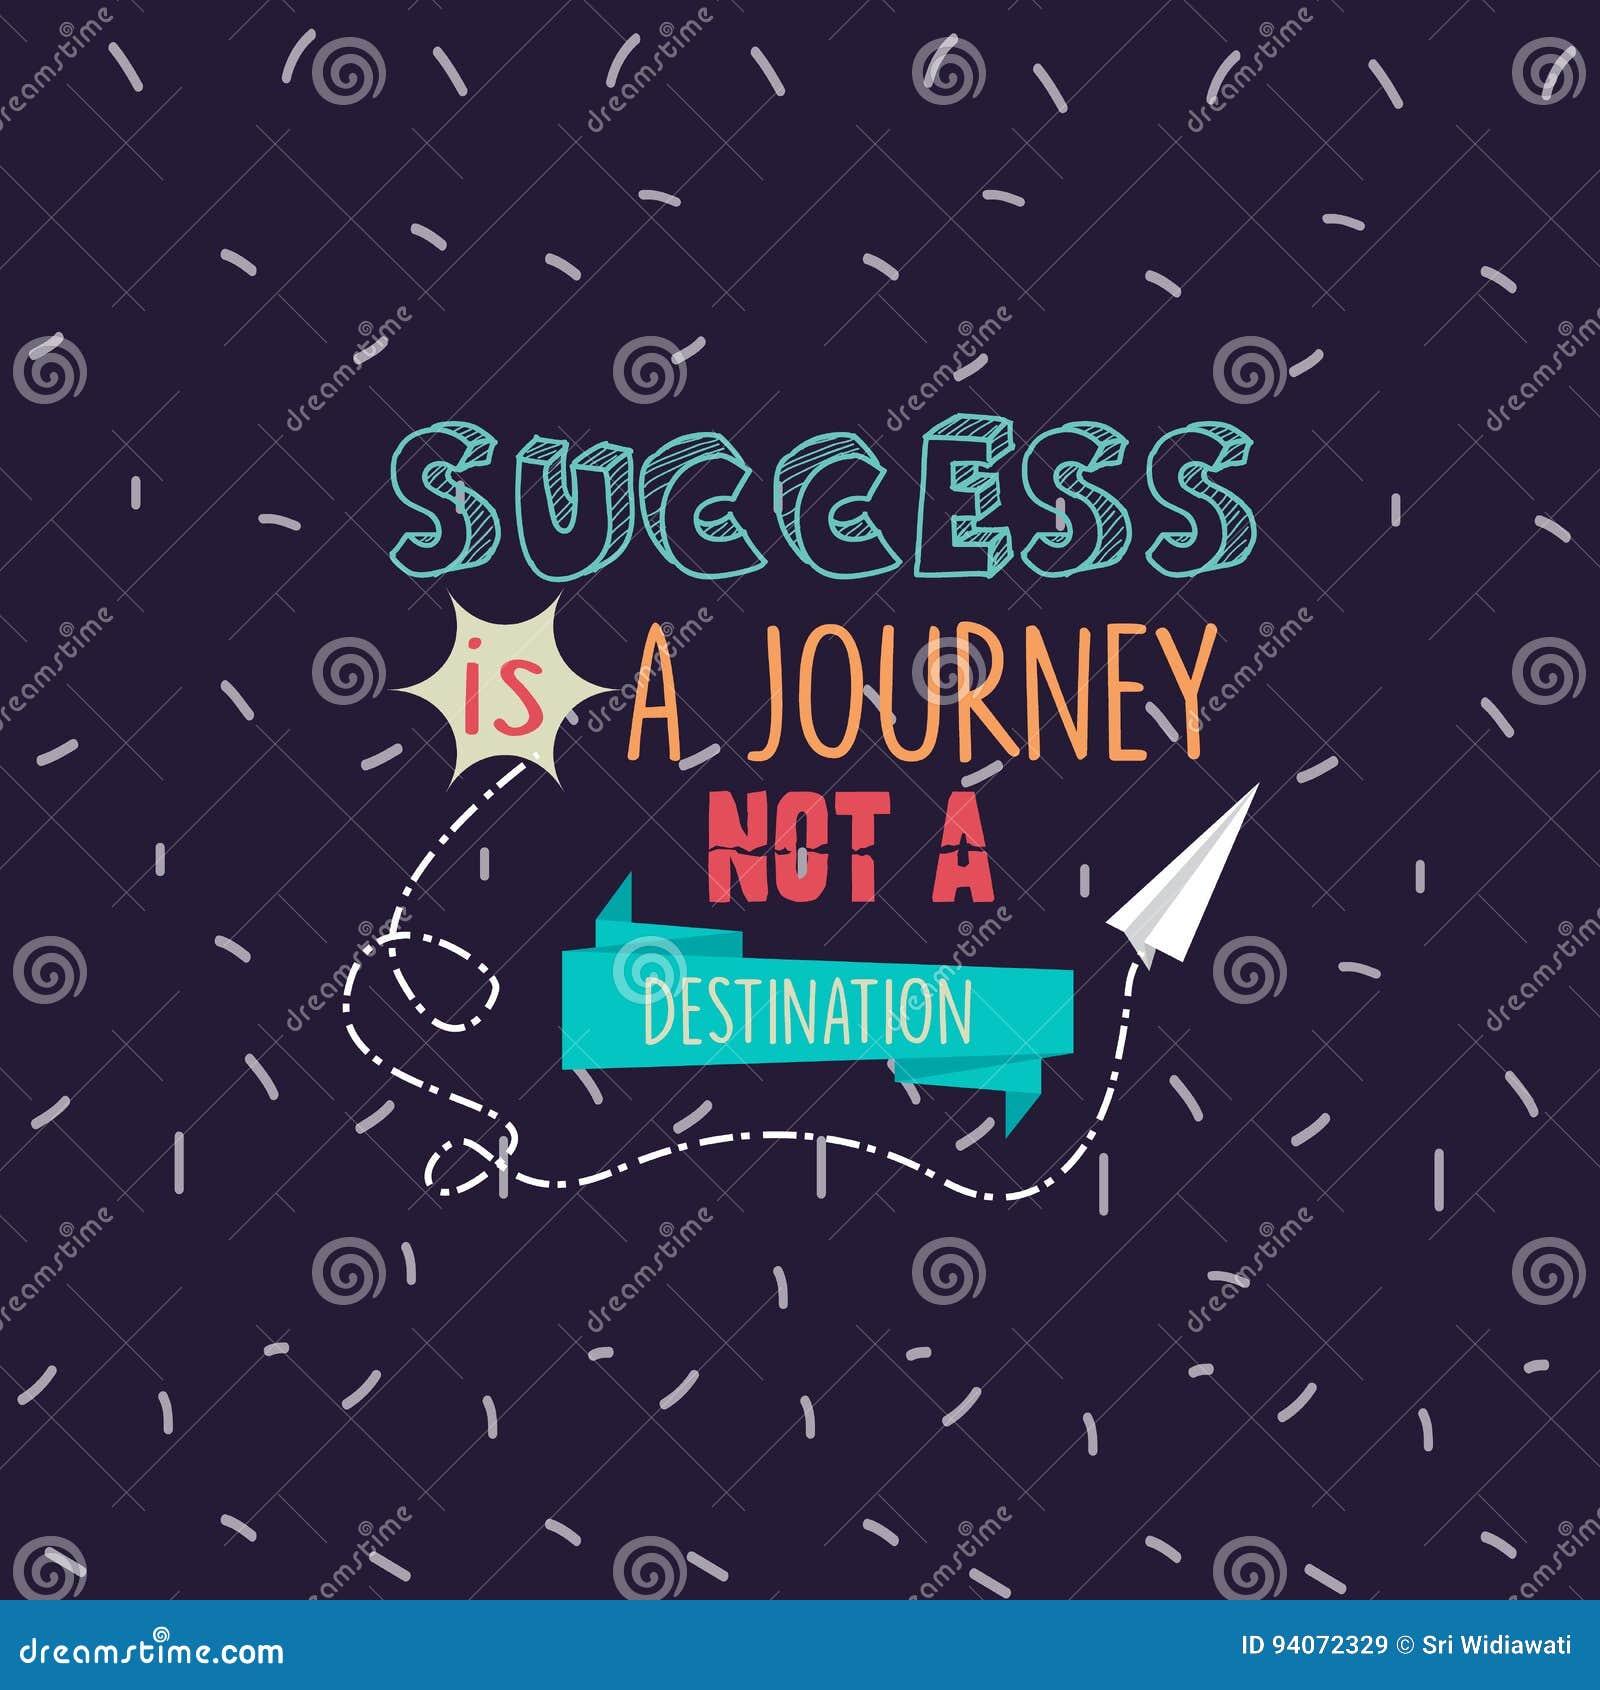 Η επιτυχία είναι ένα ταξίδι όχι που ένας προορισμός αναφέρει το κίνητρο